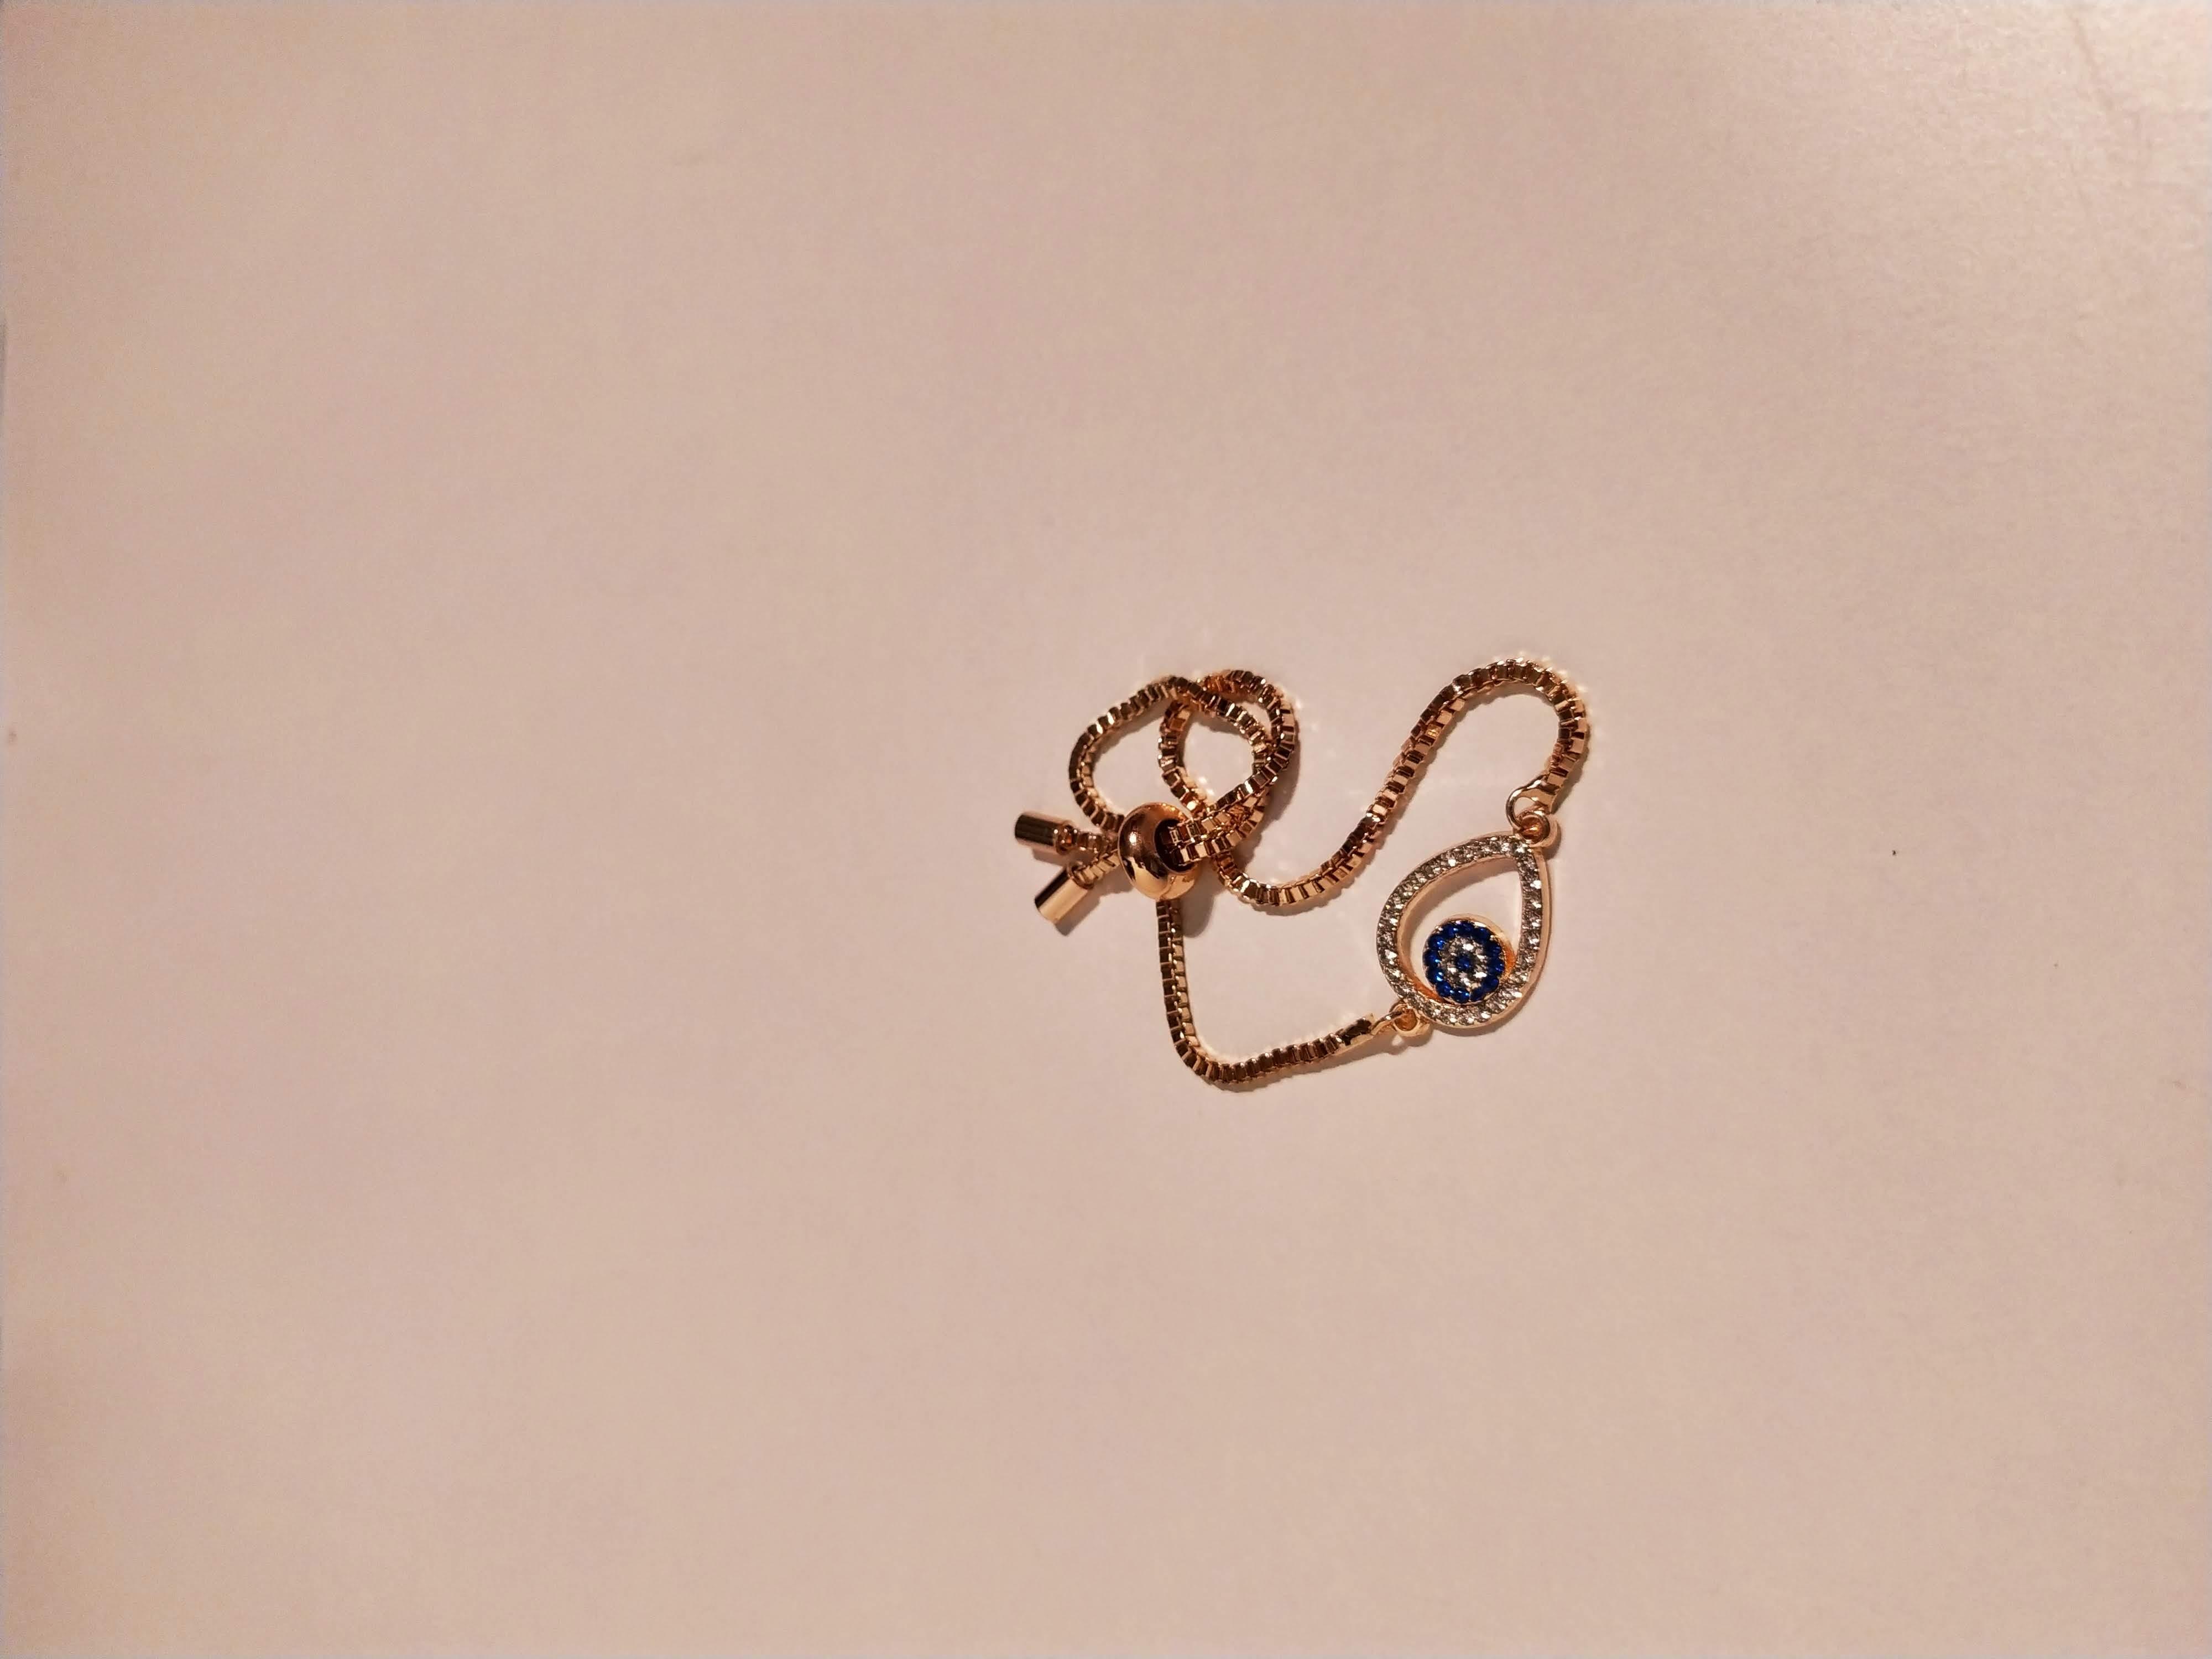 حجر الزيركون ، مطلي بالذهب ، غير مسبوق ، سوار أسود / Zircon Stone, Gold Plated, Non Allergic, Bracelet_11